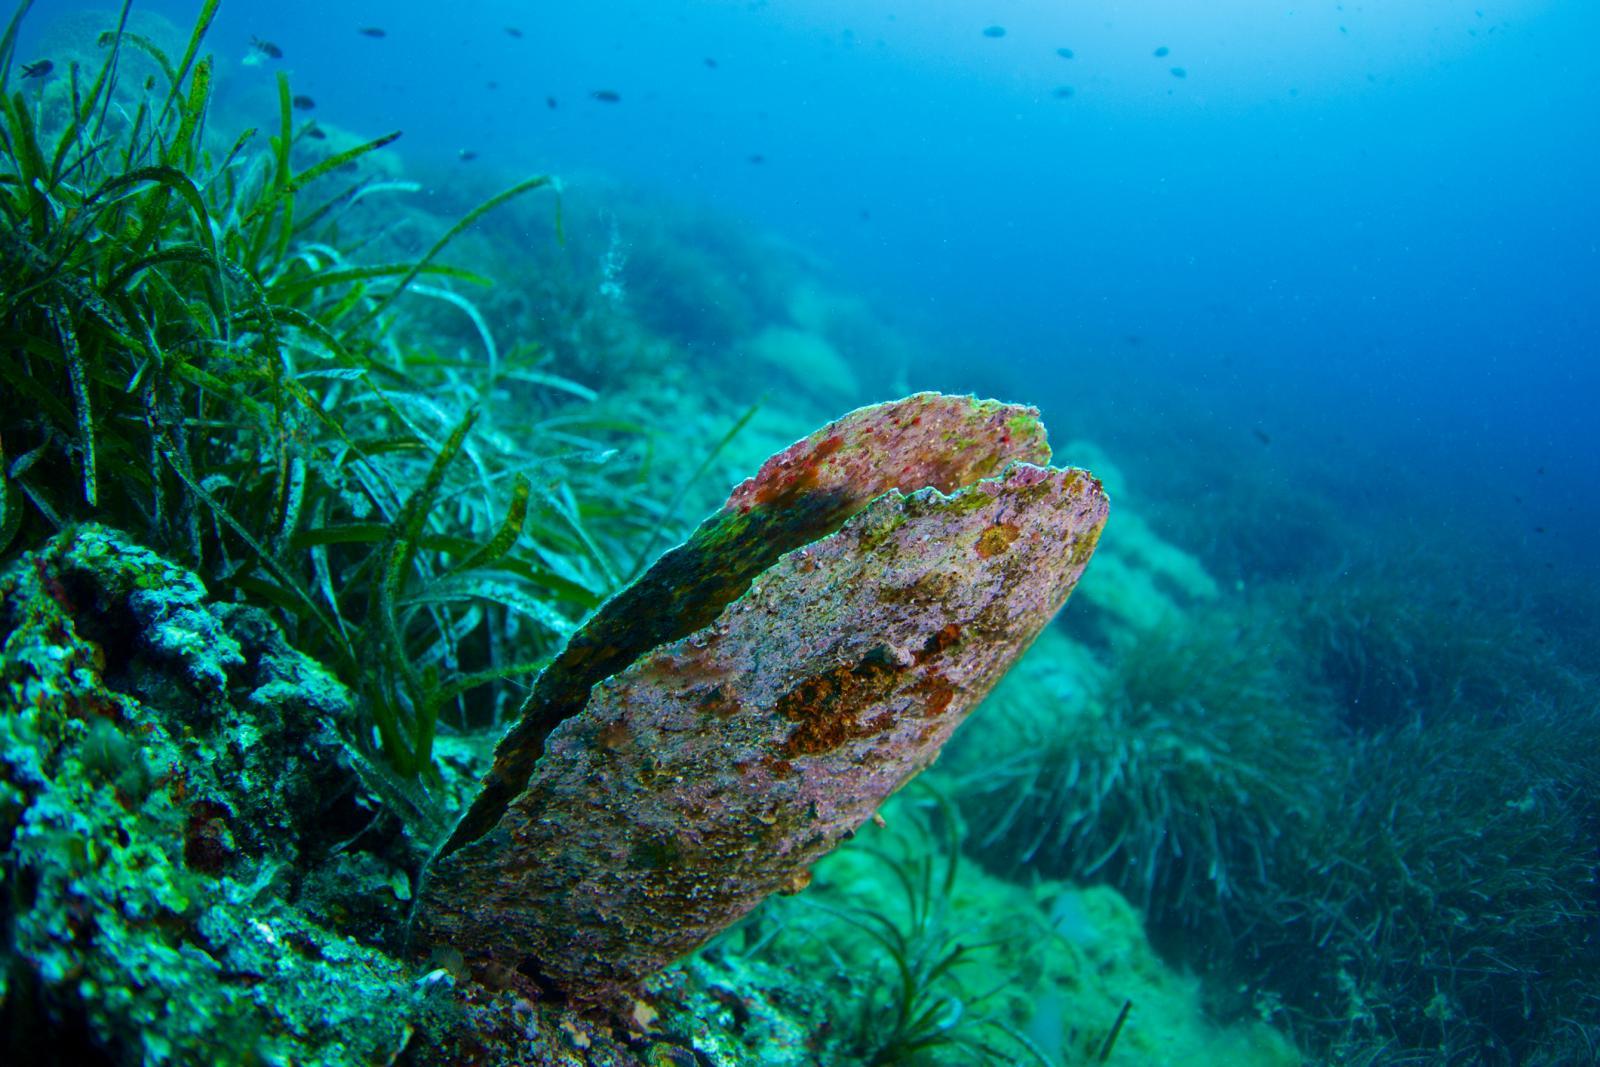 Perisku se smatra indikatorom zdravlja oceana jer njihove dugovječne ljušture bilježe kemijske i fizičke promjene u vodi.